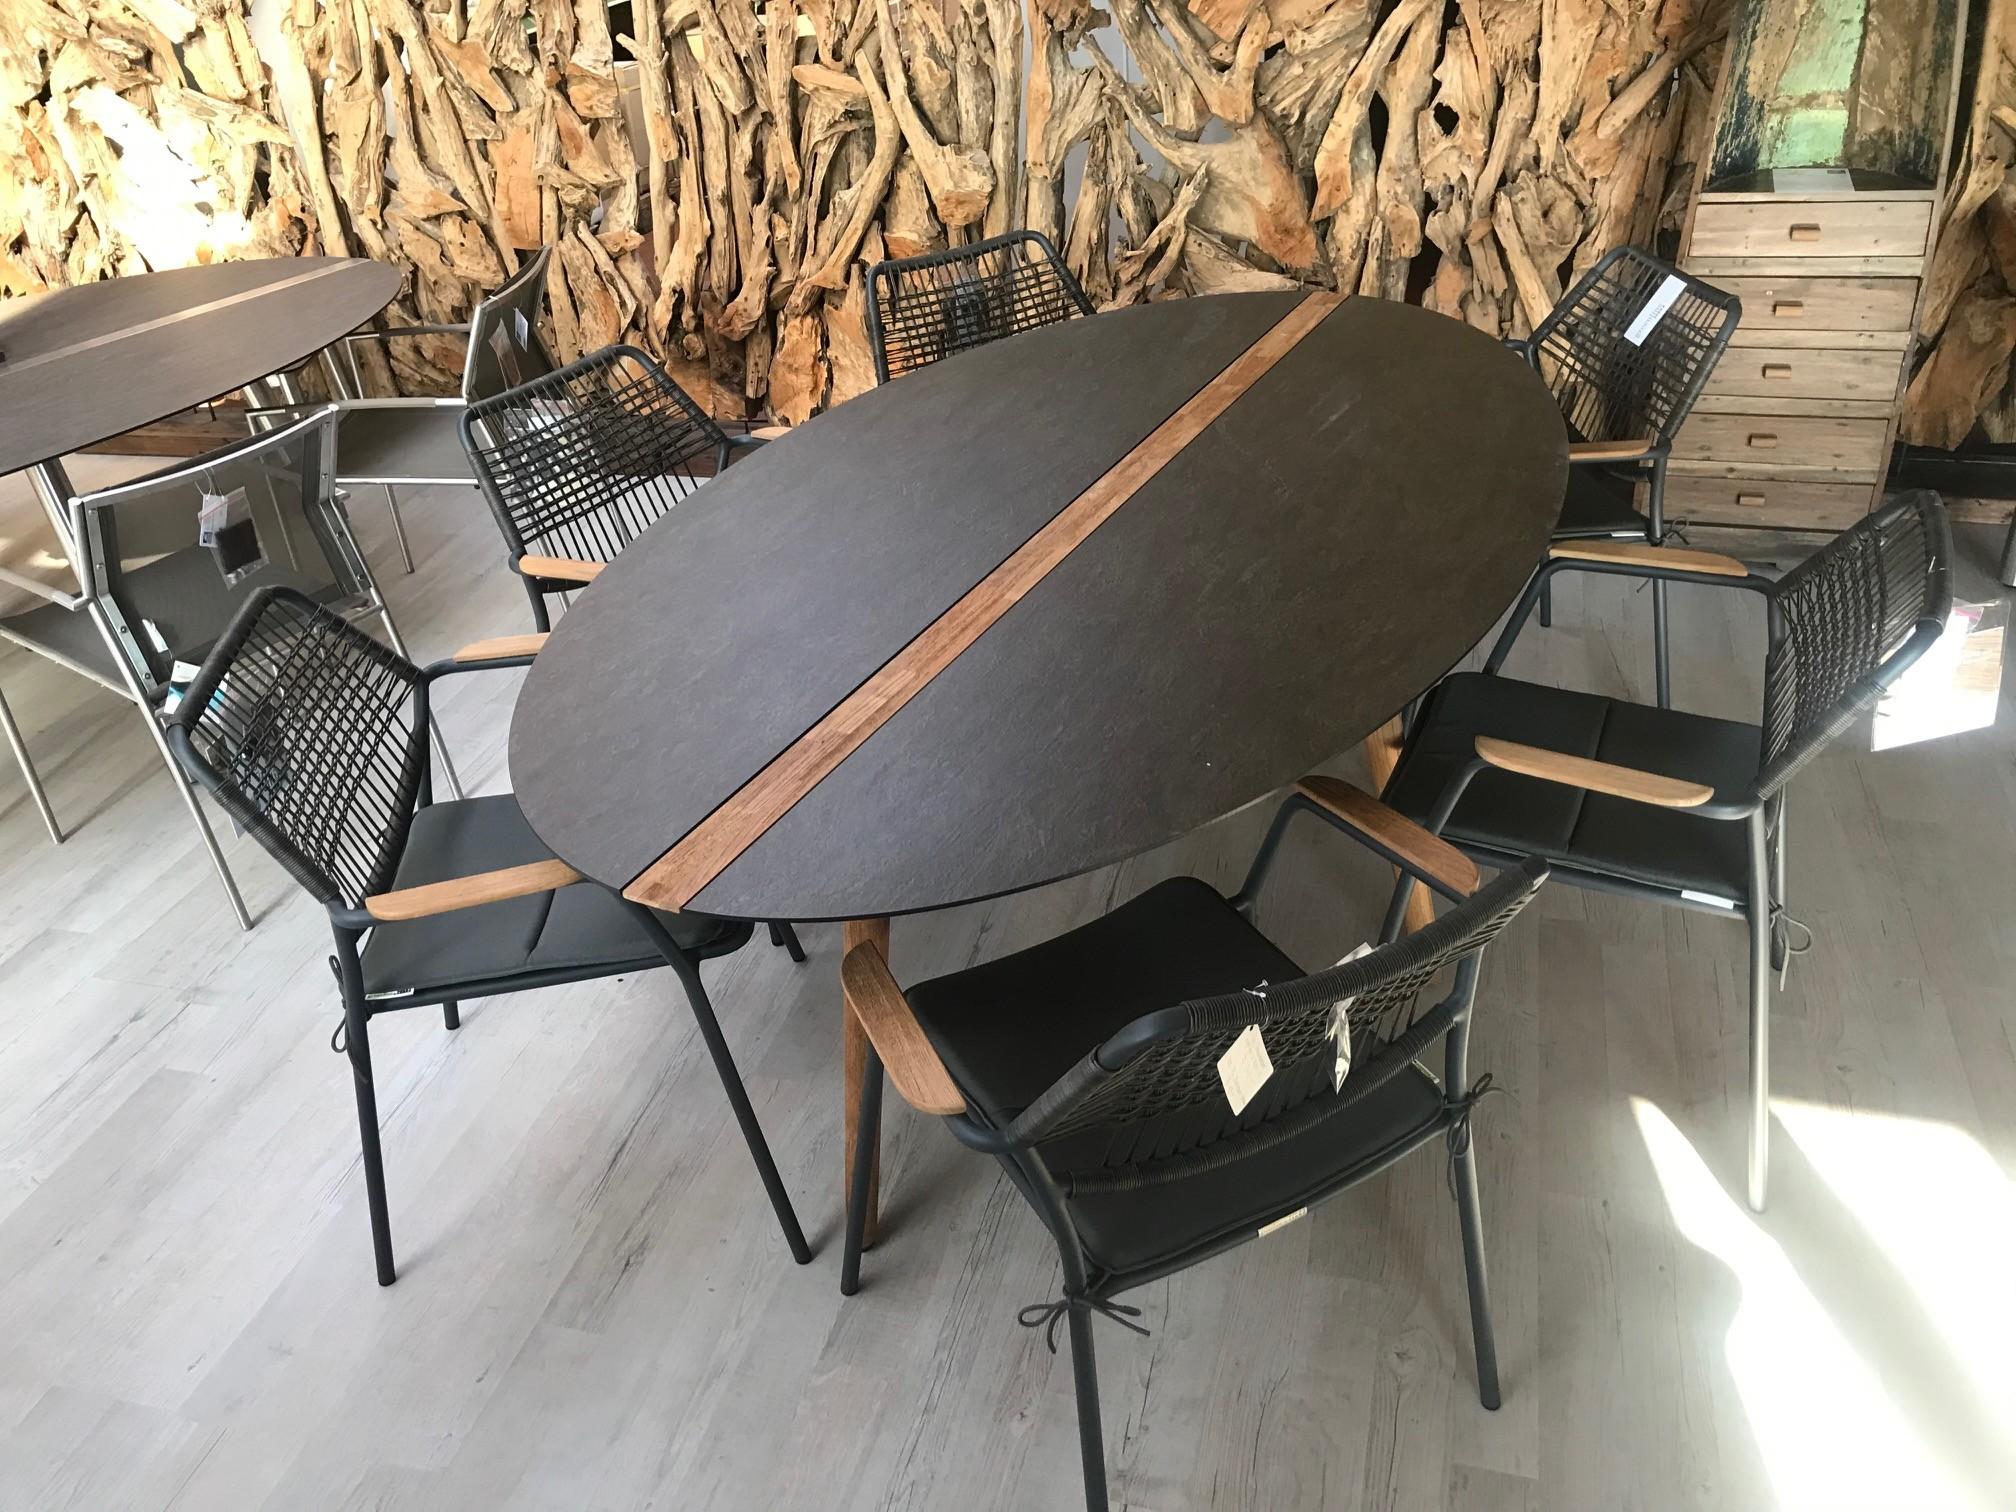 Flix-Tischgruppe HPL /Teak inkl. 6 Sessel, stapelbar, inkl. Kissen 01